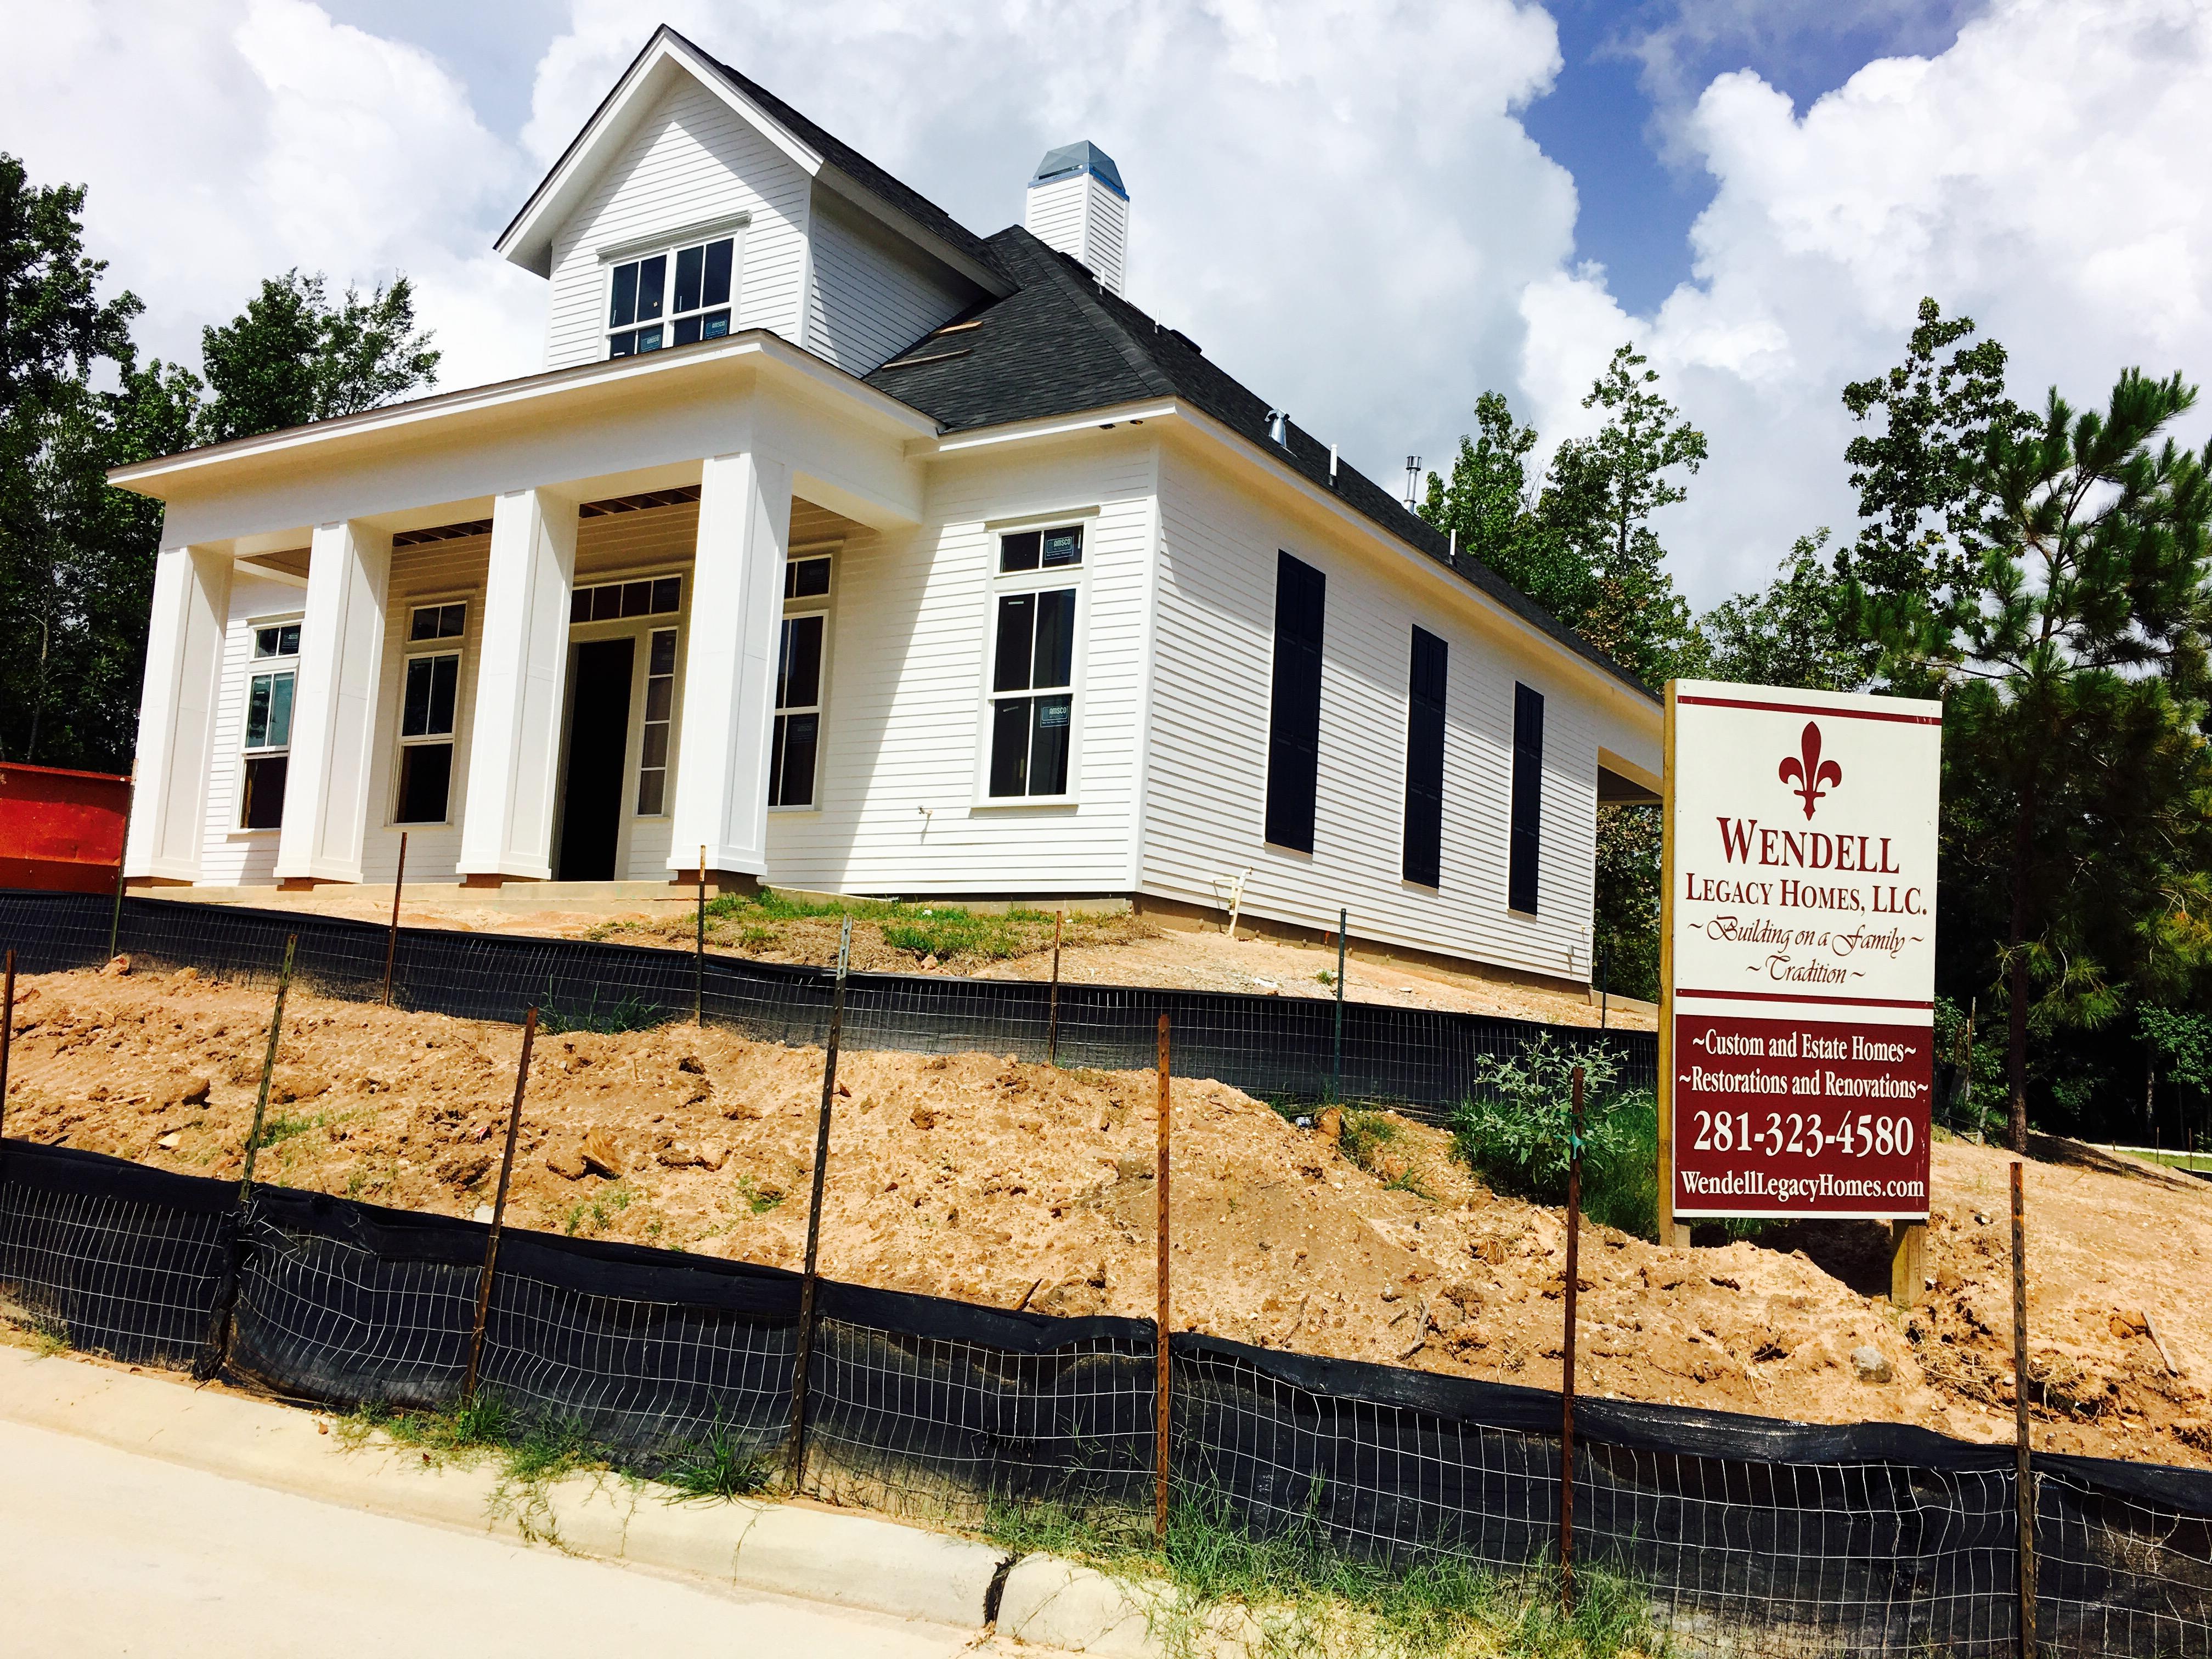 Wendell-Legacy-Homes-Custom-Estate-281-323-4580